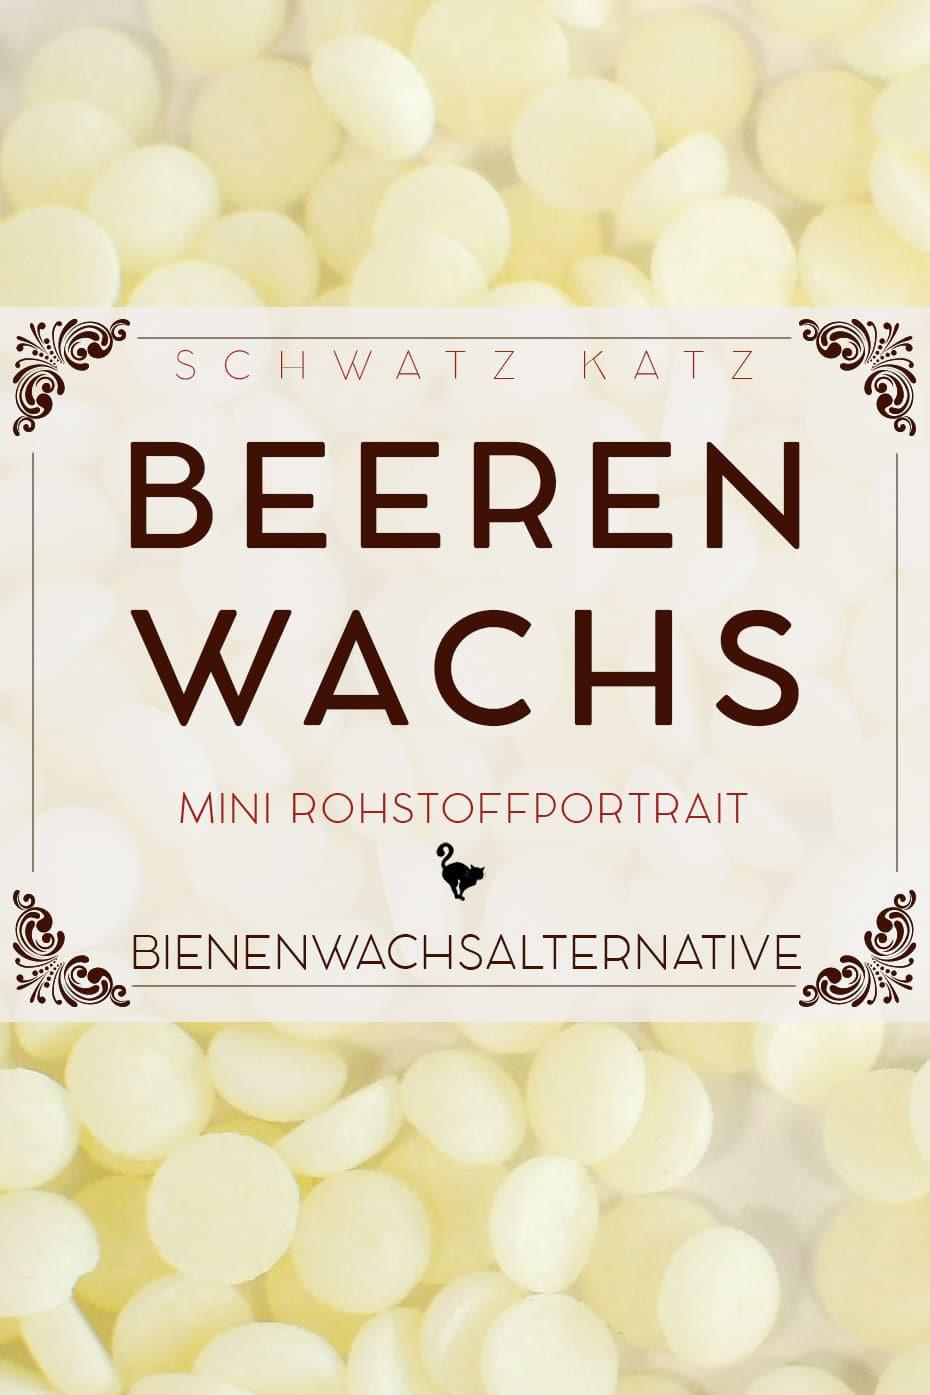 Beerenwachs Mini Rohstoffportrait von Schwatz Katz